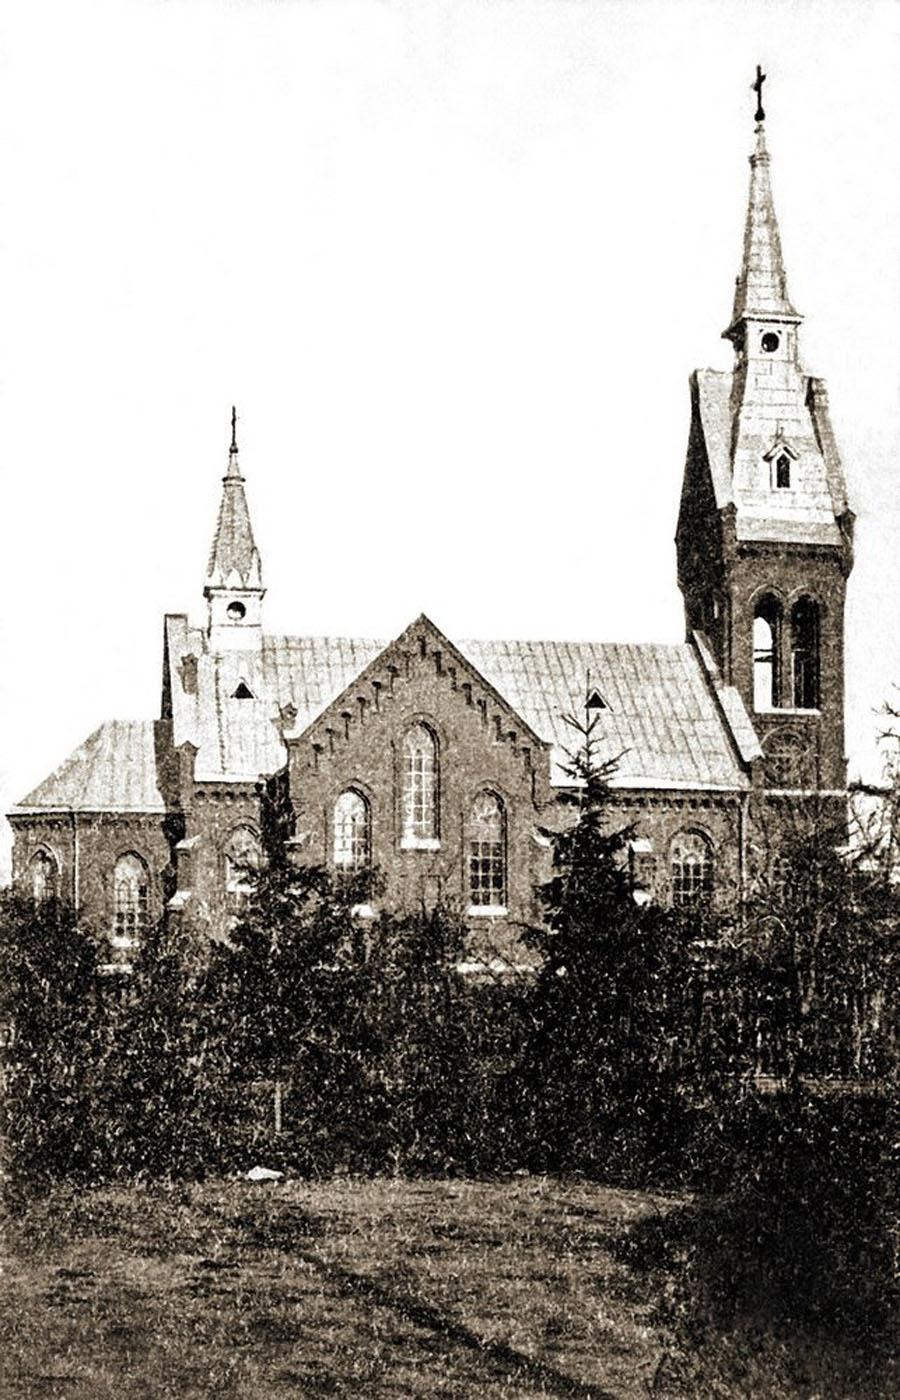 В 1992 году в Гатчине был возрожден католический приход. Первоначально богослужения проводились в актовом зале профтехучилища № 213. Первую Пасхальную литургию совершил 11 апреля 1993 года священник Иосиф Пеллицерри. В 1994 году полуразрушенное здание церкви возвратили верующим. В настоящее время в ней продолжаются реставрационные работы, однако в отремонтированной части здания с 1996 г. уже совершаются богослужения.